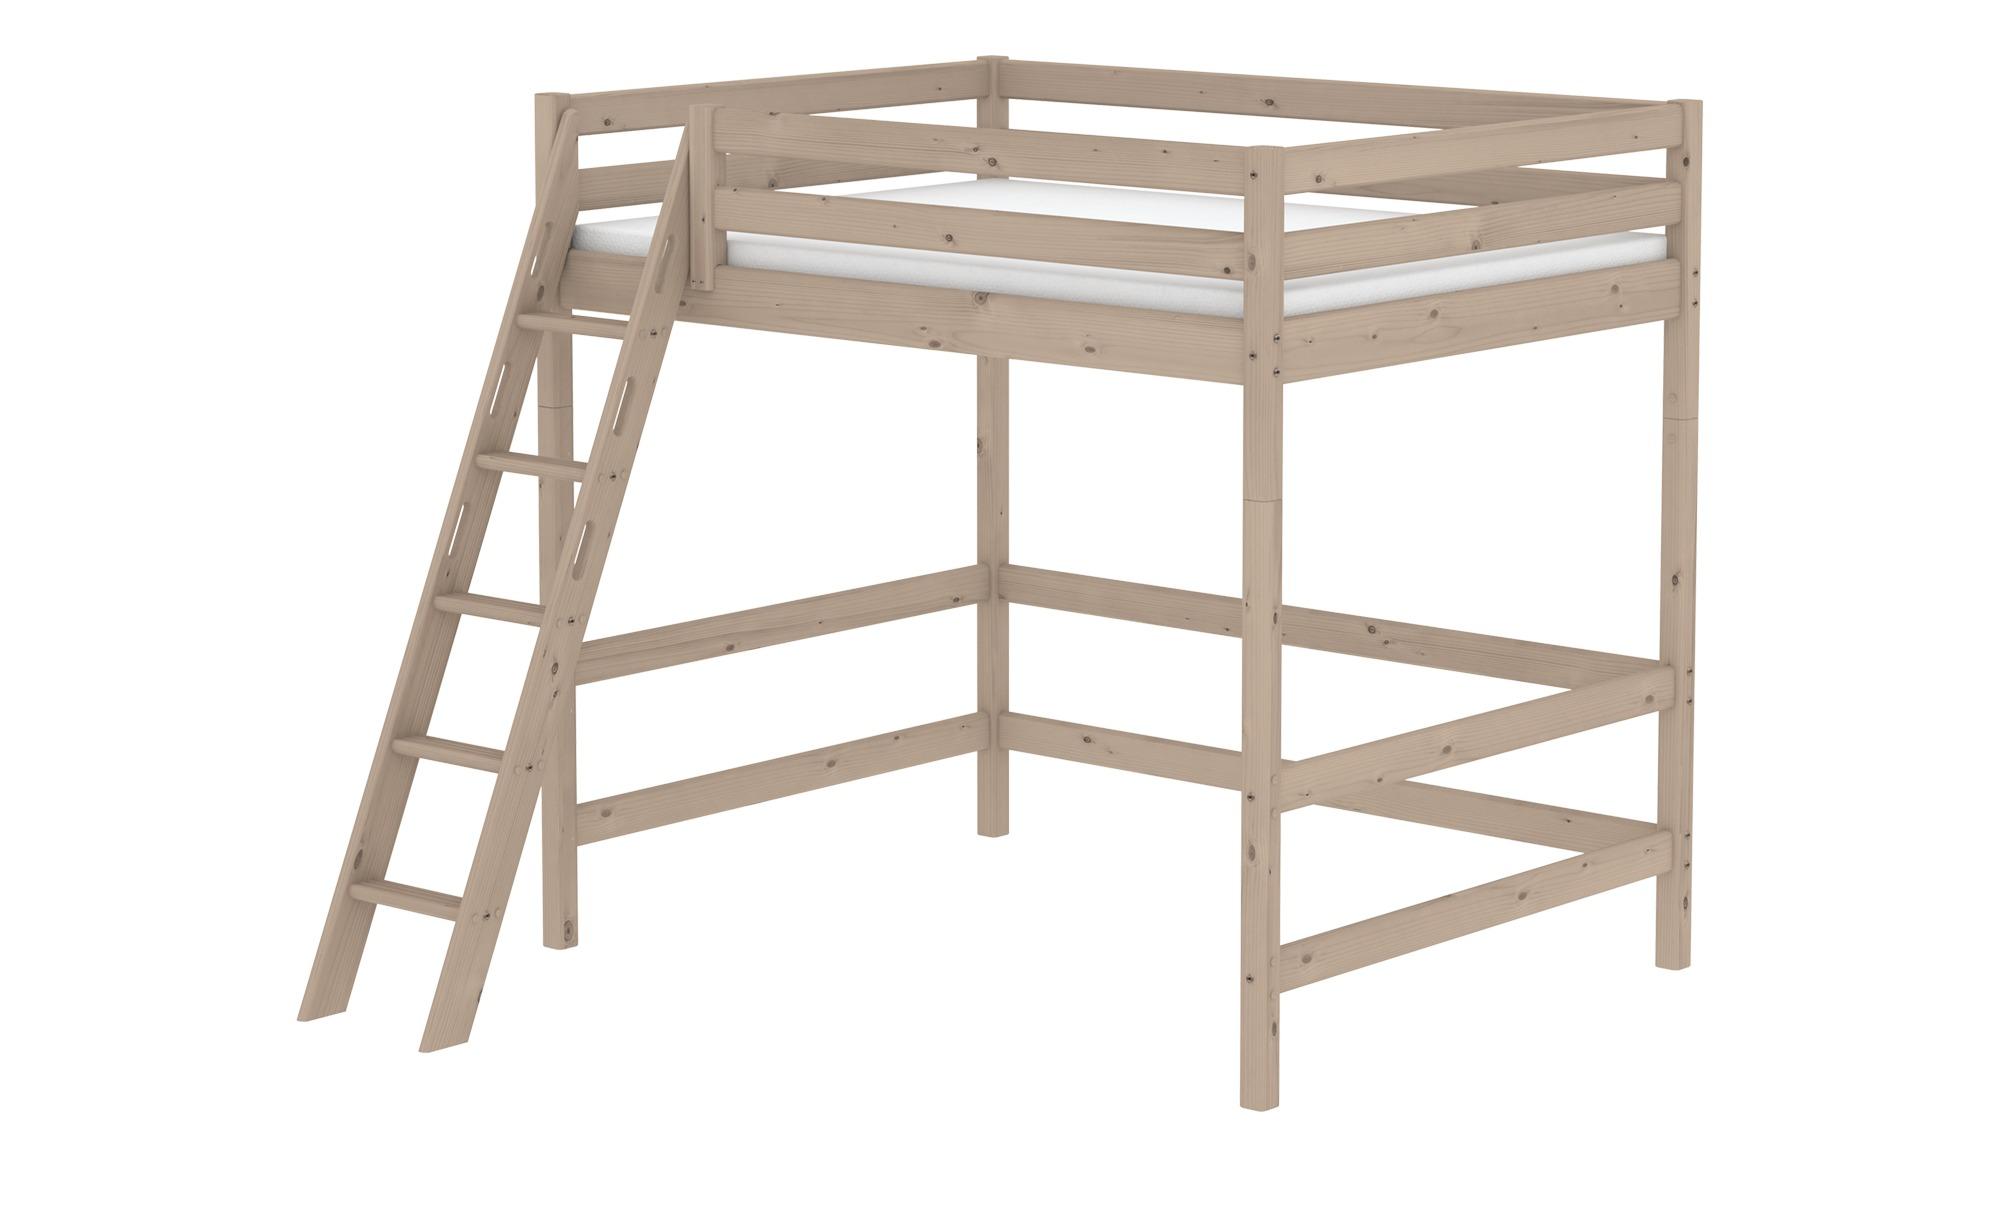 flexa hochbett flexa classic breite 229 cm h he 185 cm holzfarben online kaufen bei woonio. Black Bedroom Furniture Sets. Home Design Ideas